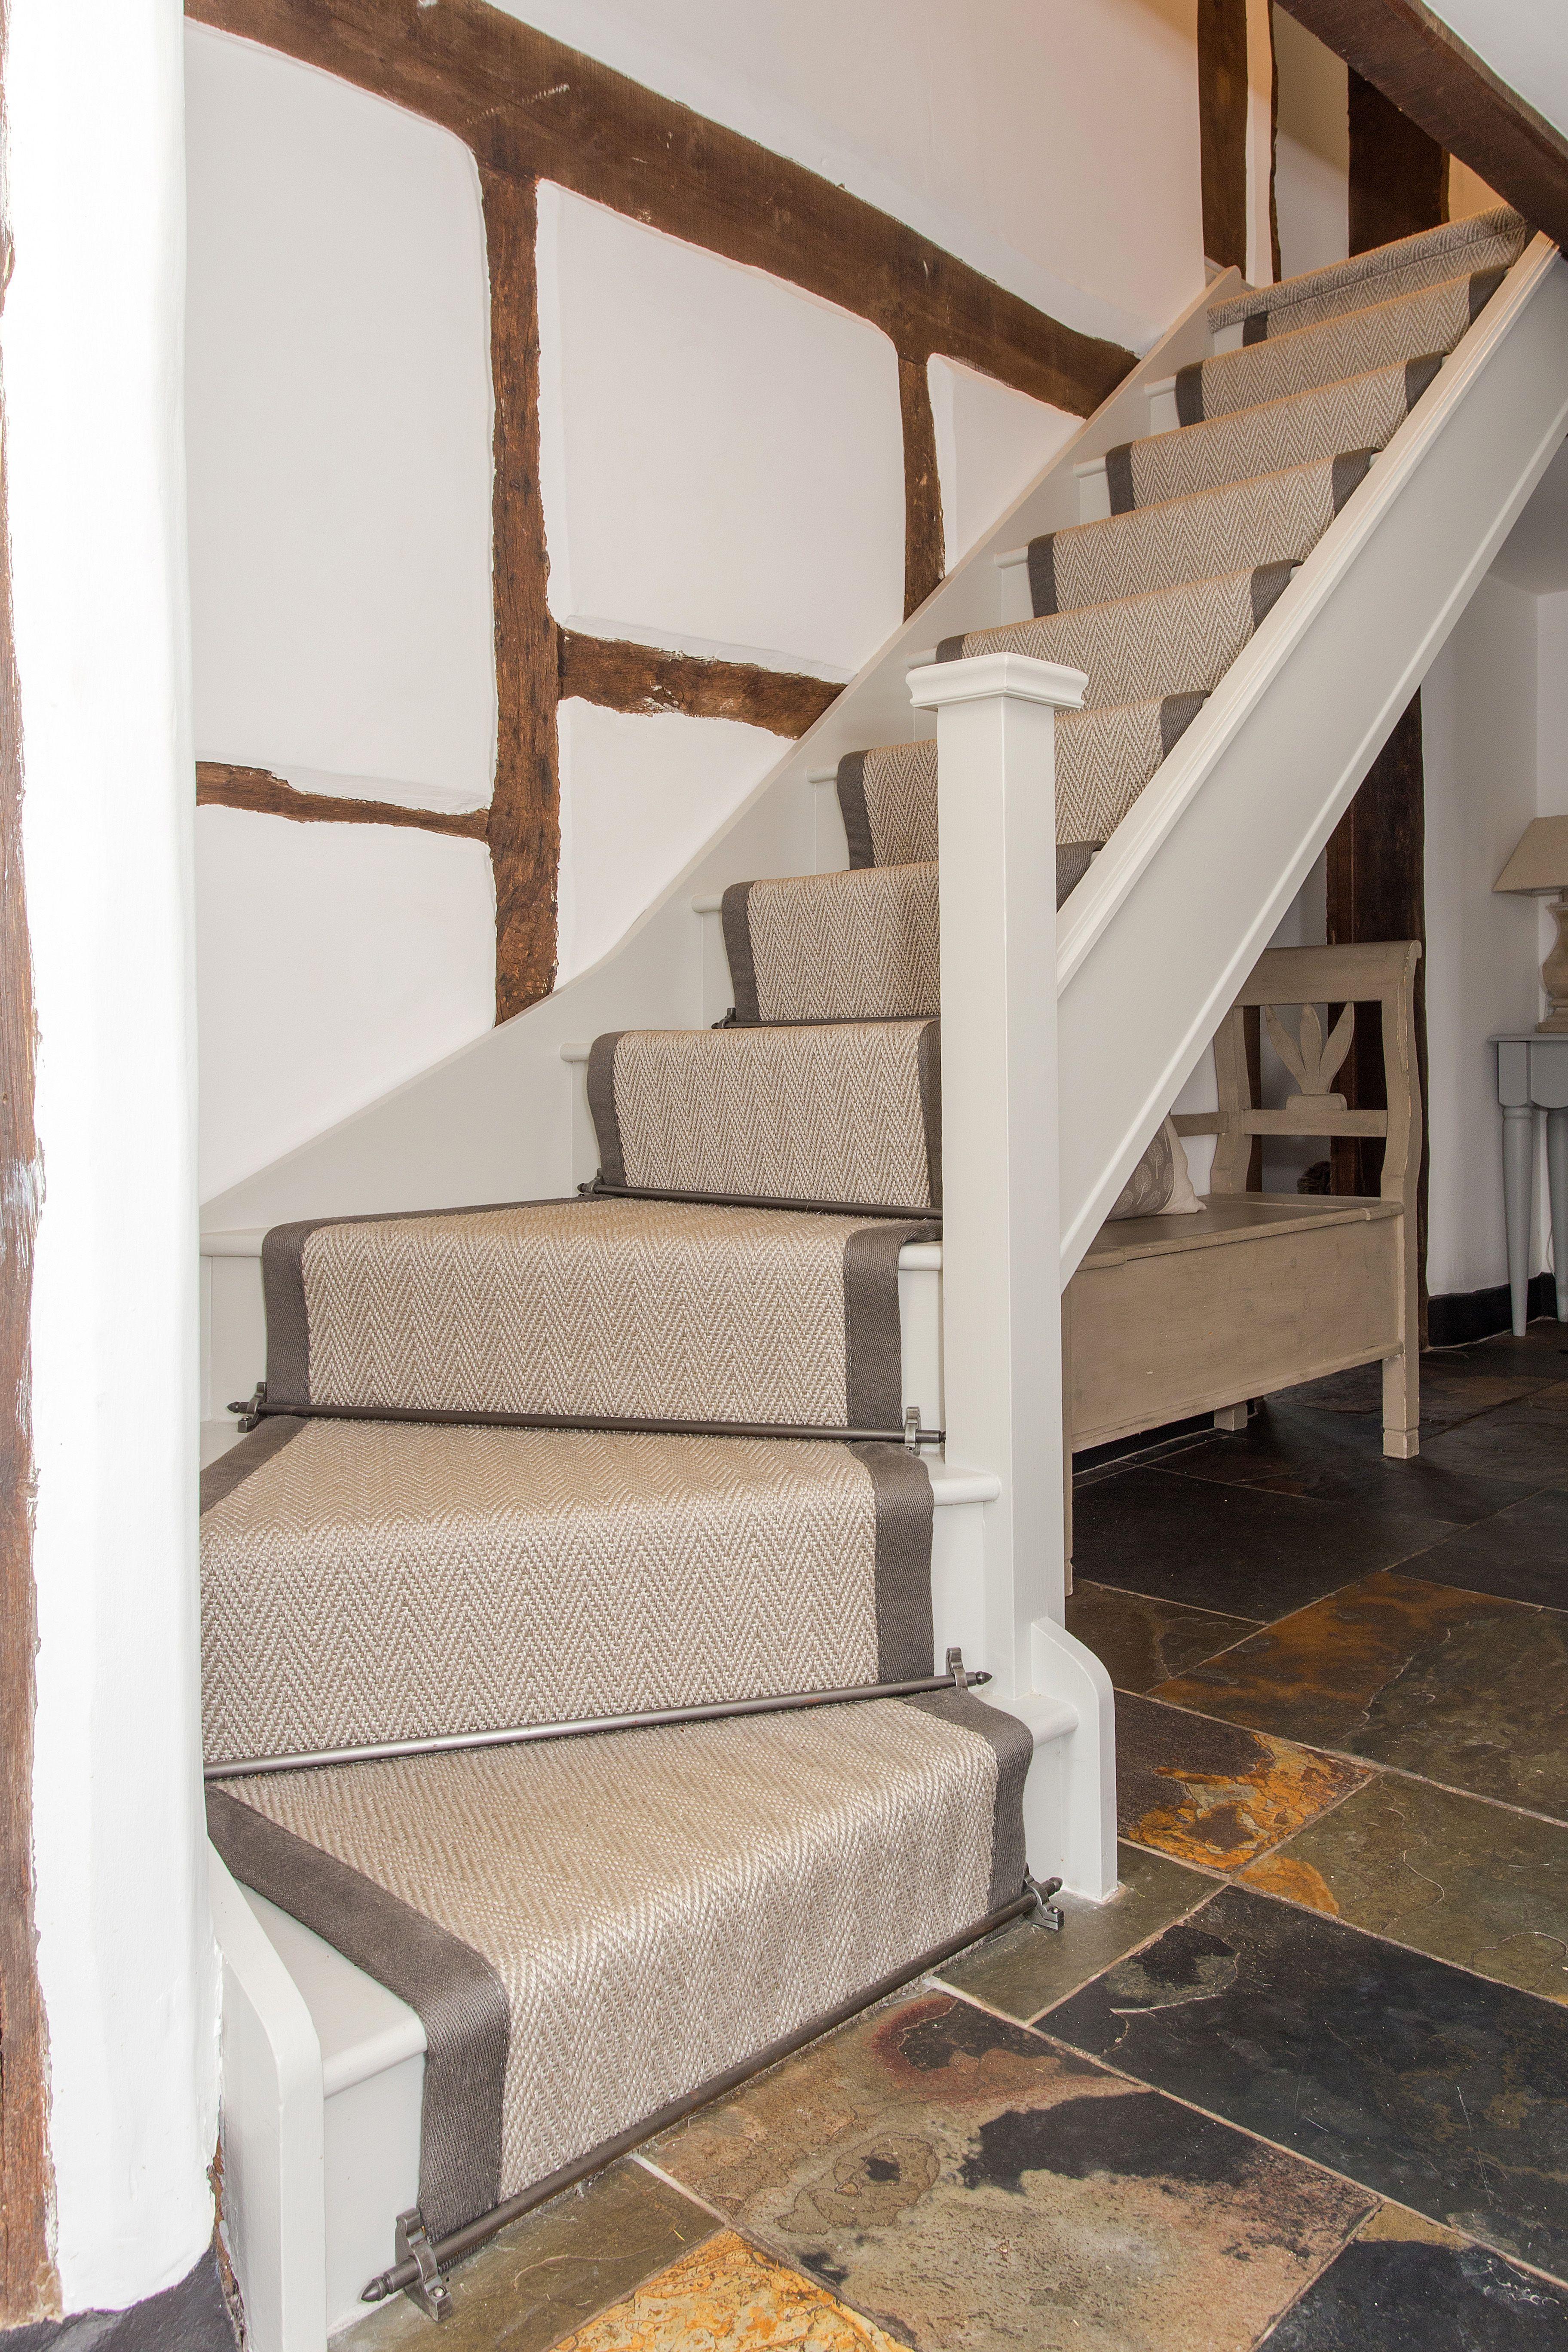 Sisal Herringbone Taped Stair Runner Stair Runners Carpet Modern Carpet Stairs Stair Runner